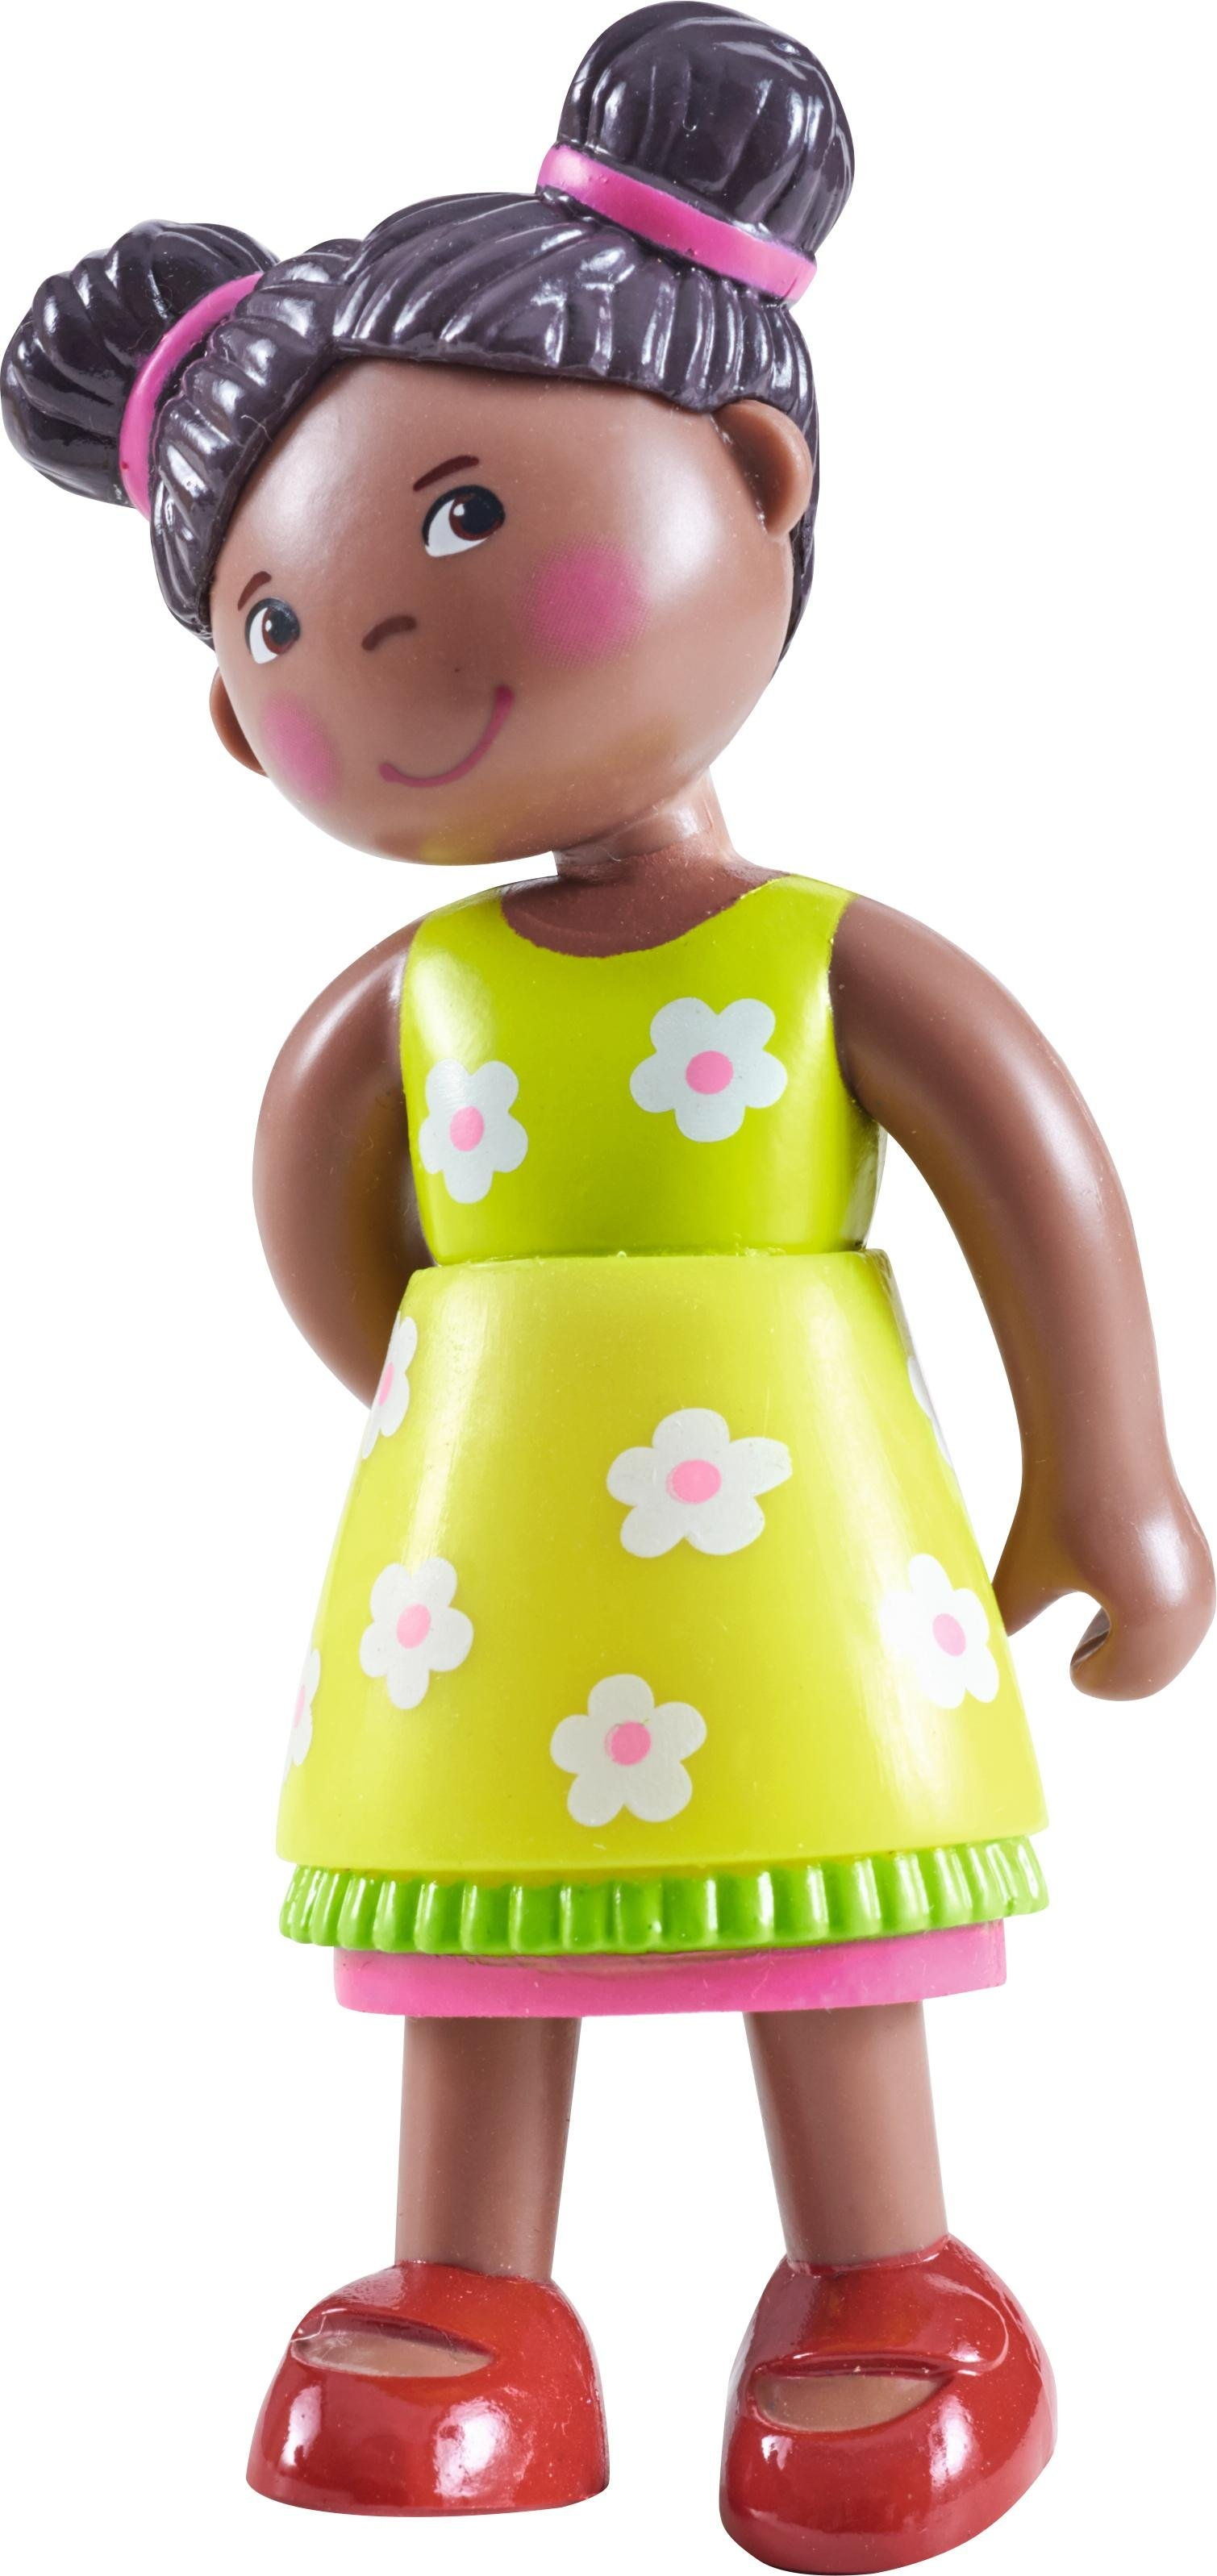 Haba pop Little Friends - Naomi (set, 1-delig) bestellen: 30 dagen bedenktijd